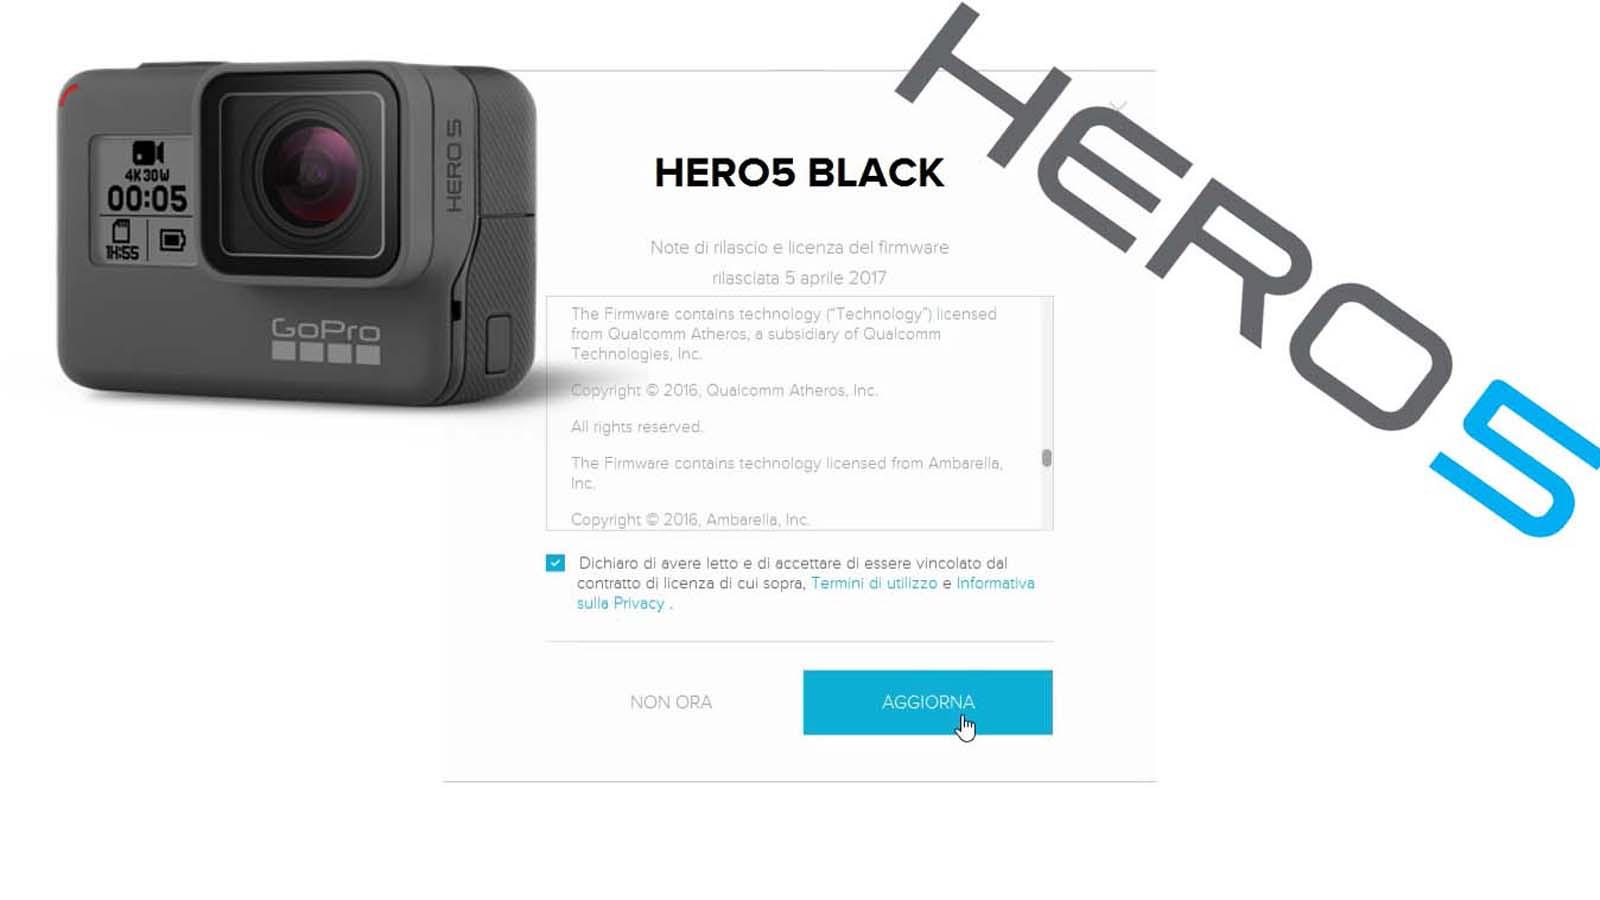 come aggiornare la gopro hero5 asvideo